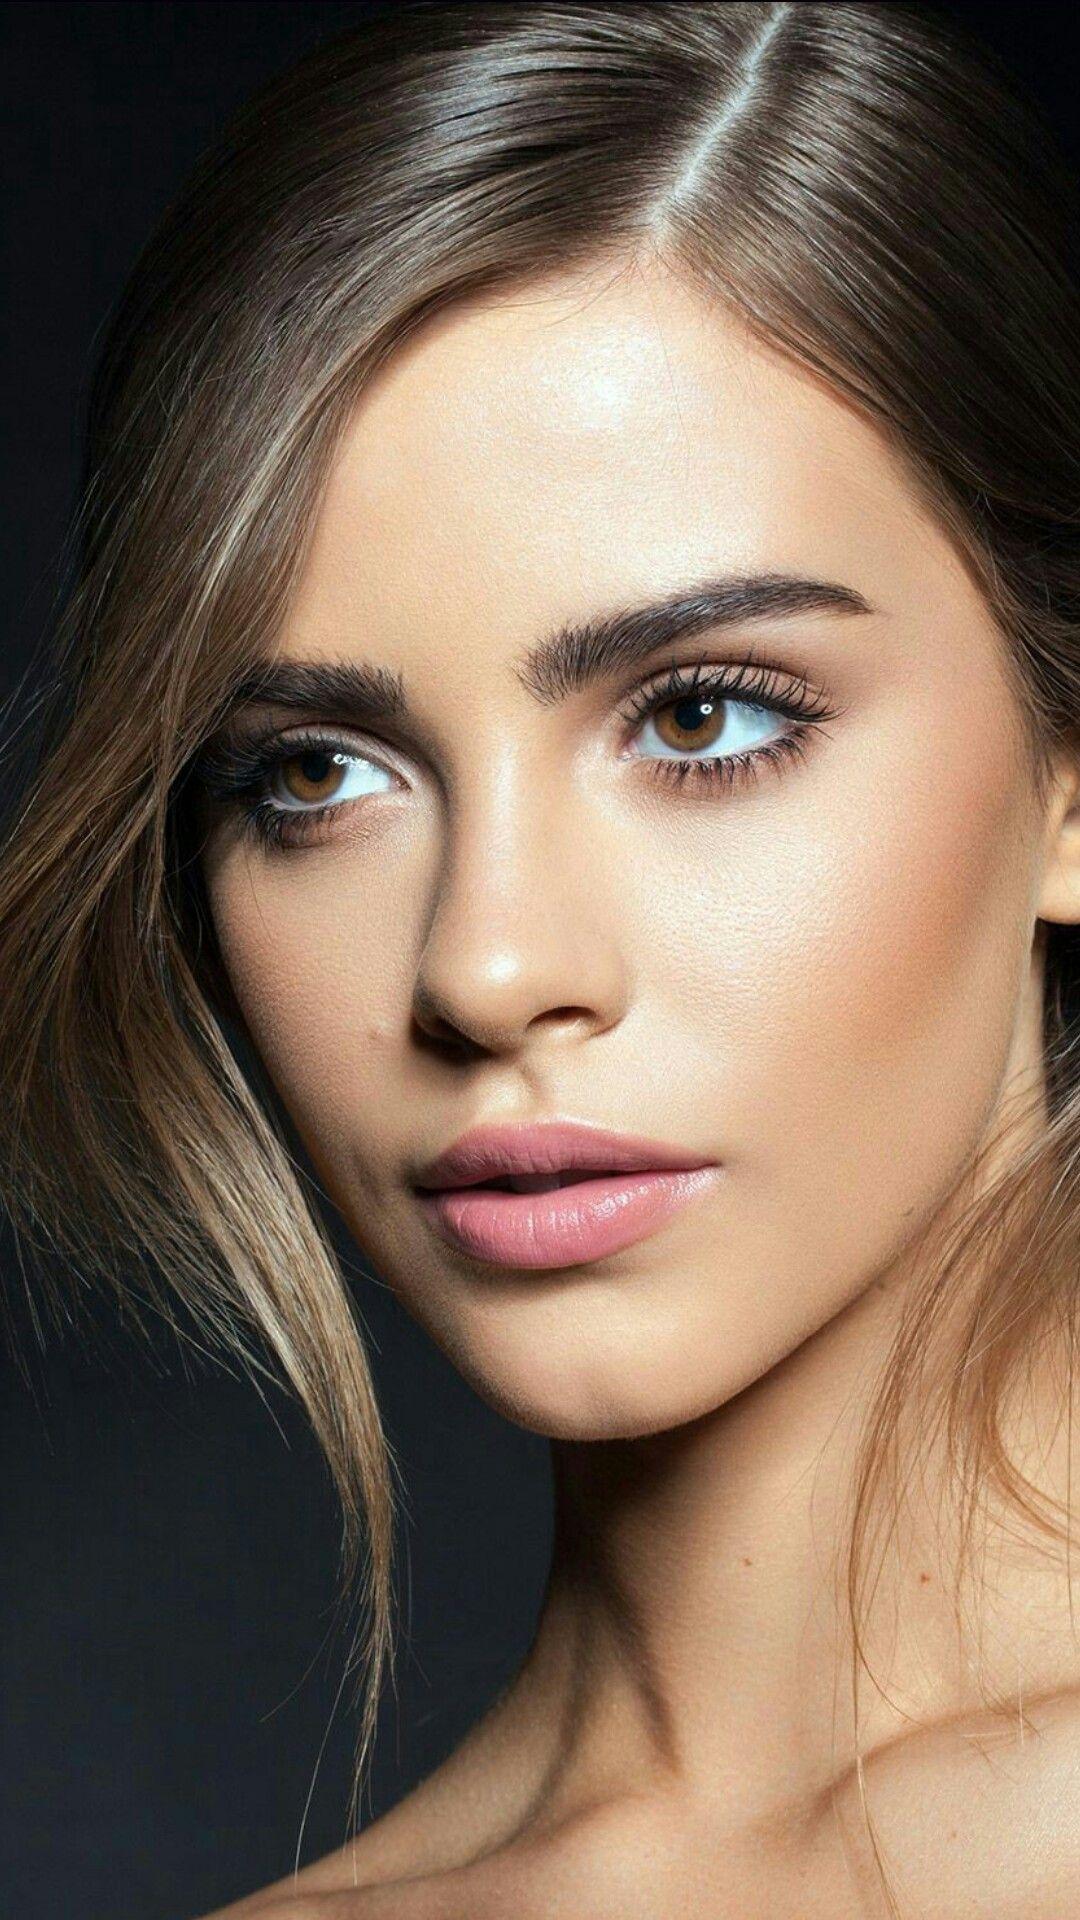 Perfection Bridal makeup natural, makeup